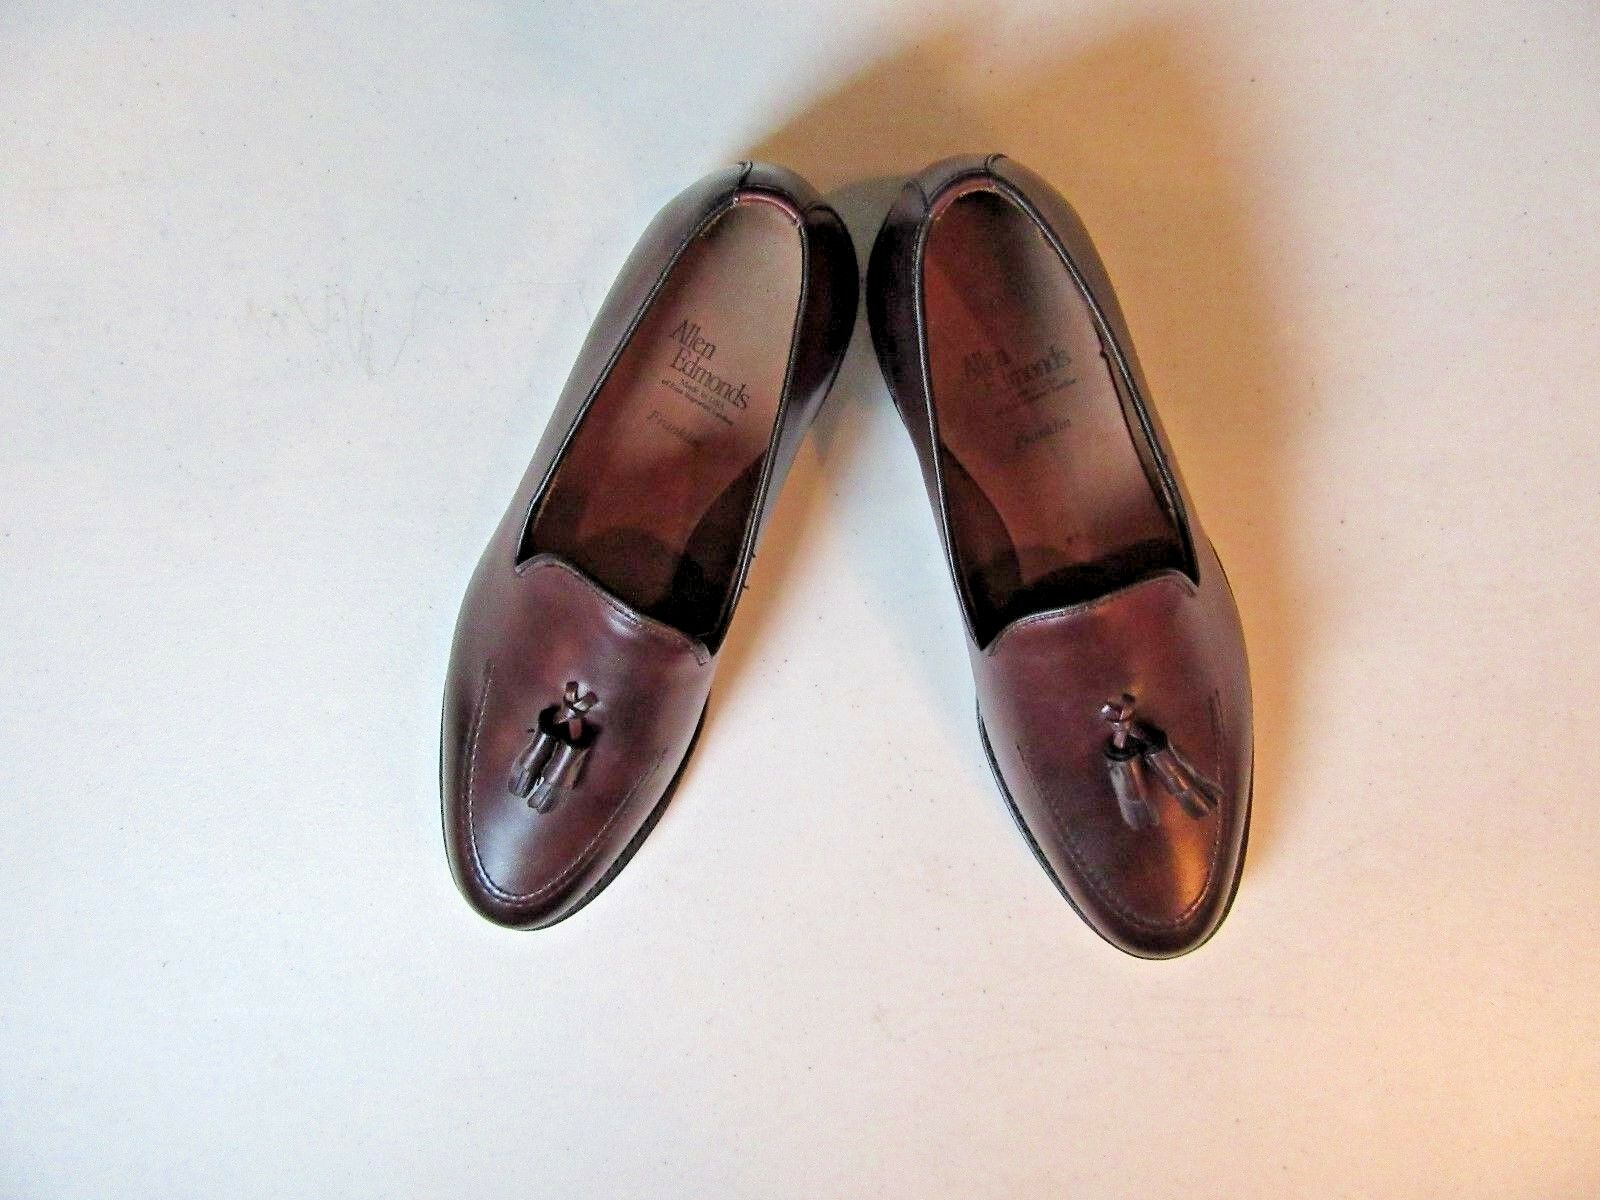 345 New in Box  Allen Edmonds Franklin dress shoe in Merlot size 10 D